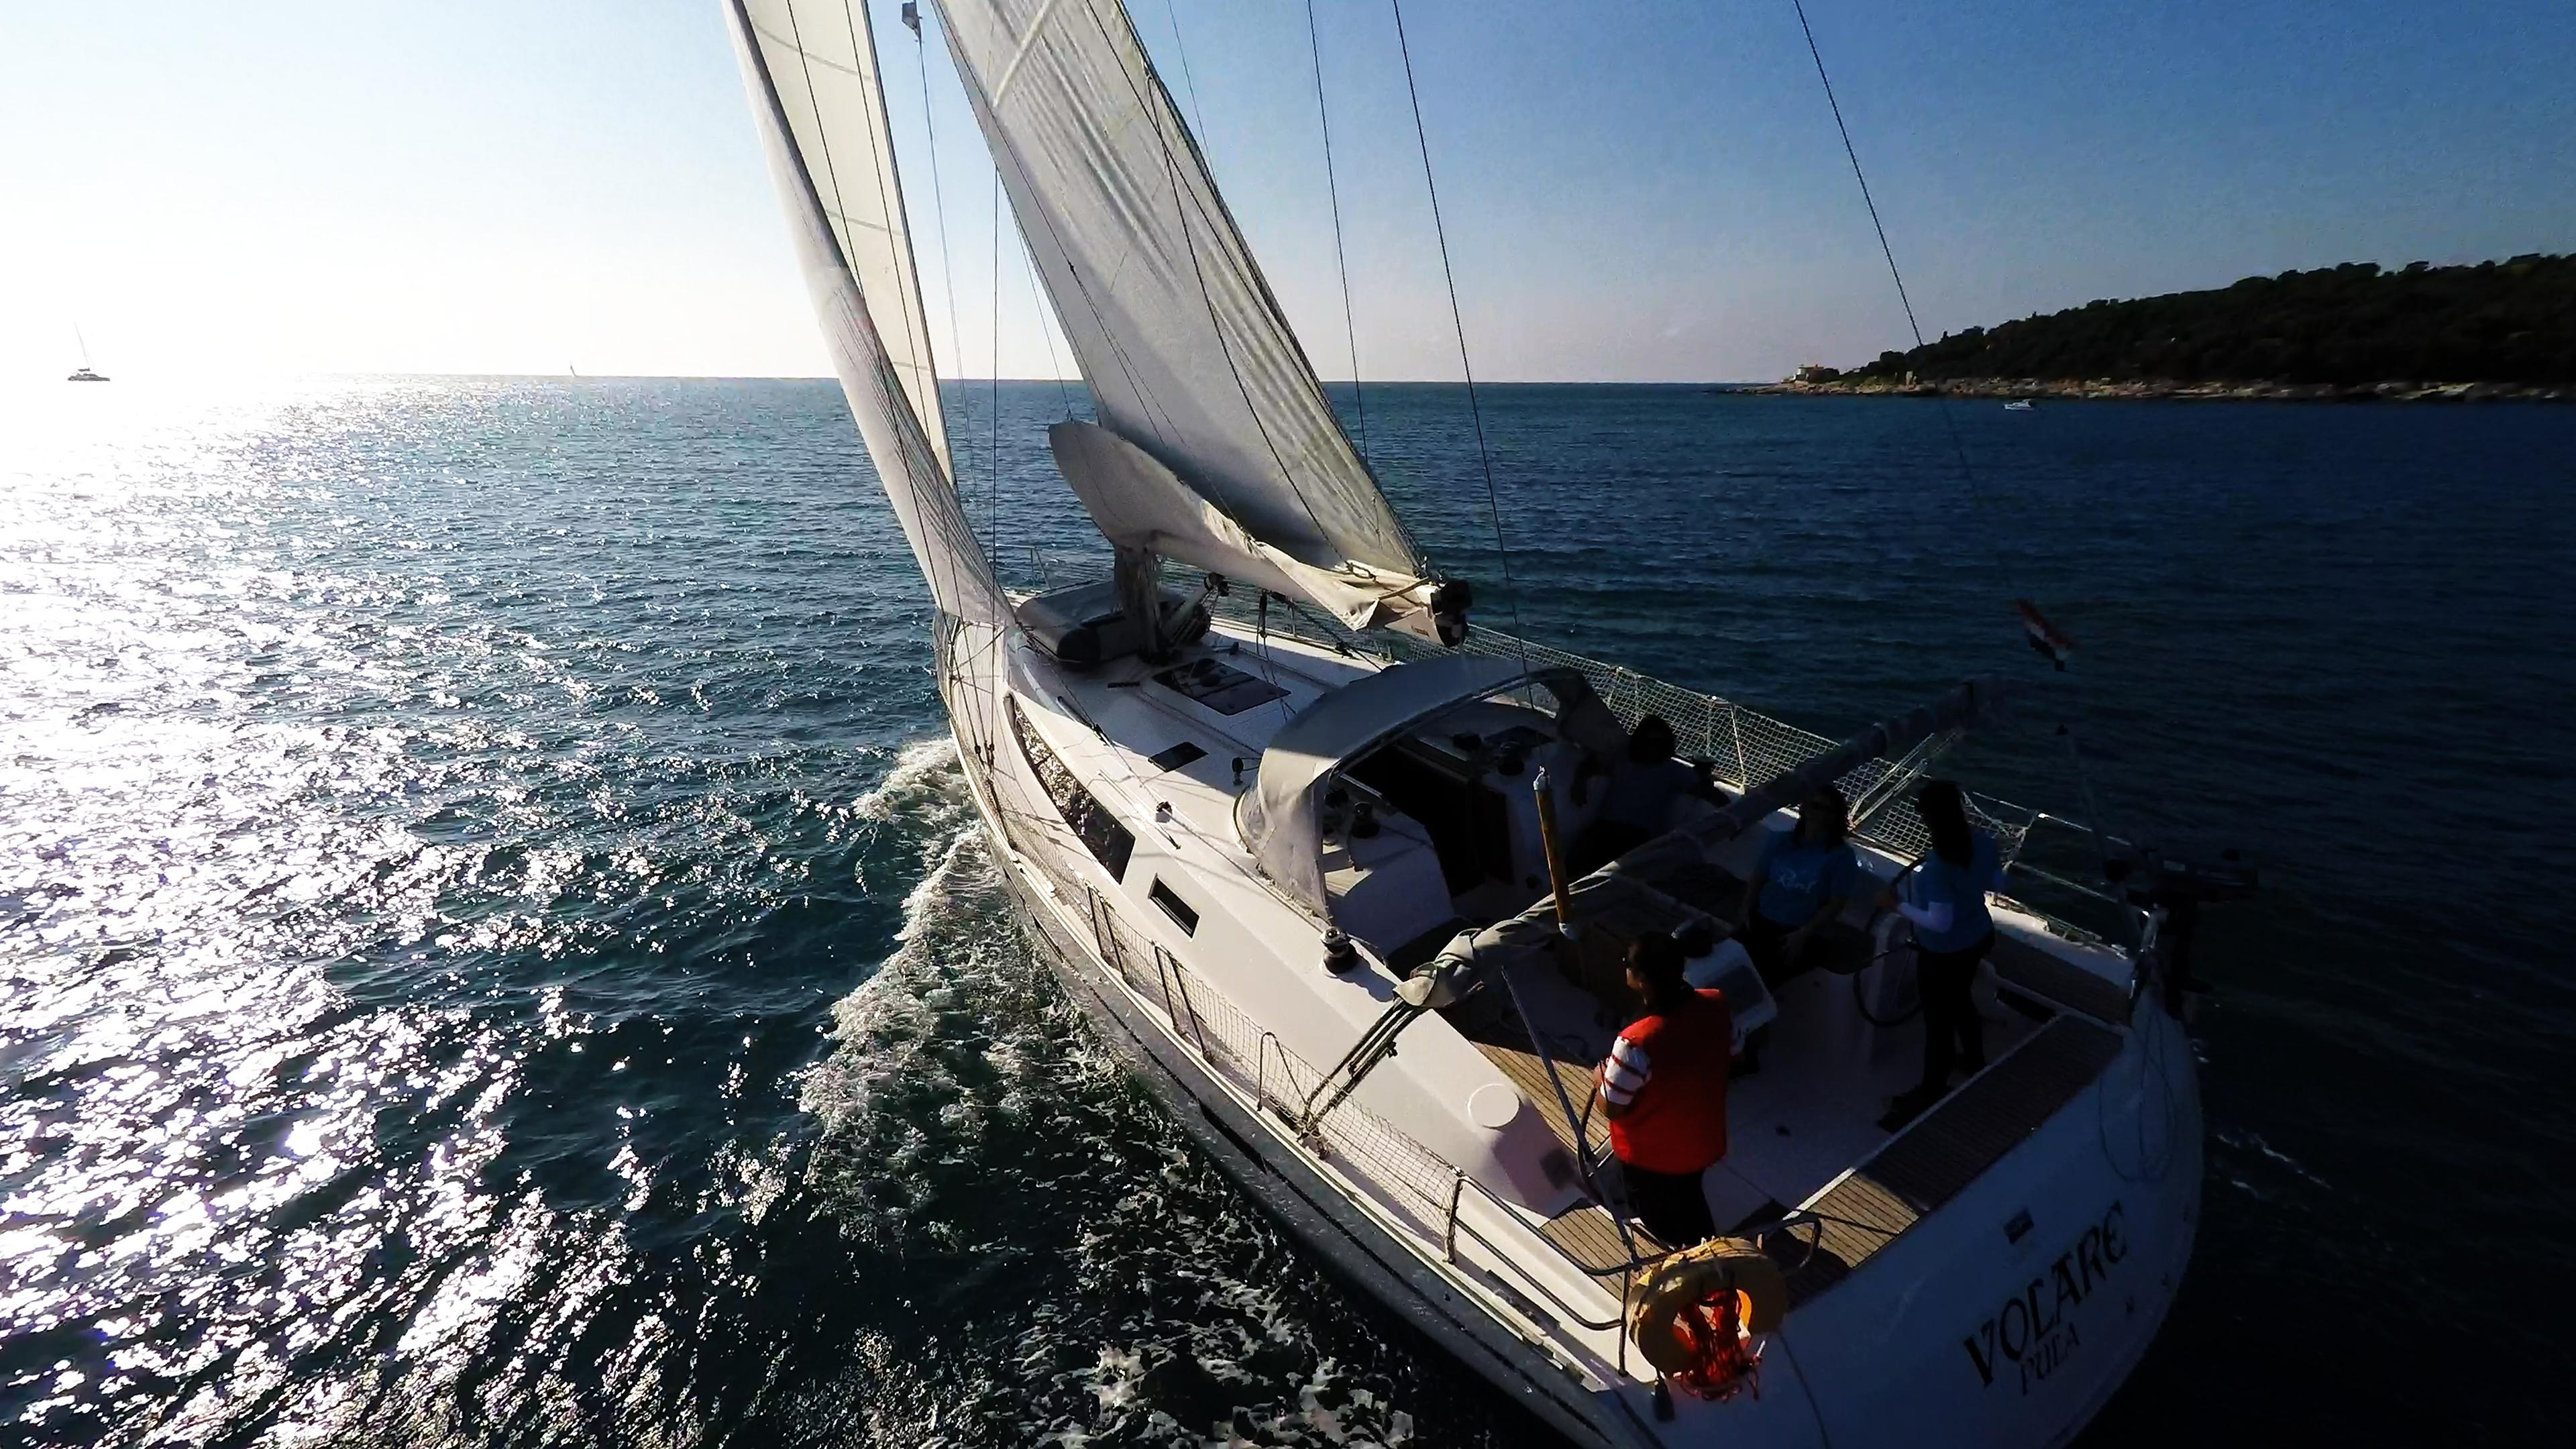 jedrilica vjetar jedro jedrilica bavaria 46 skiper kokpit